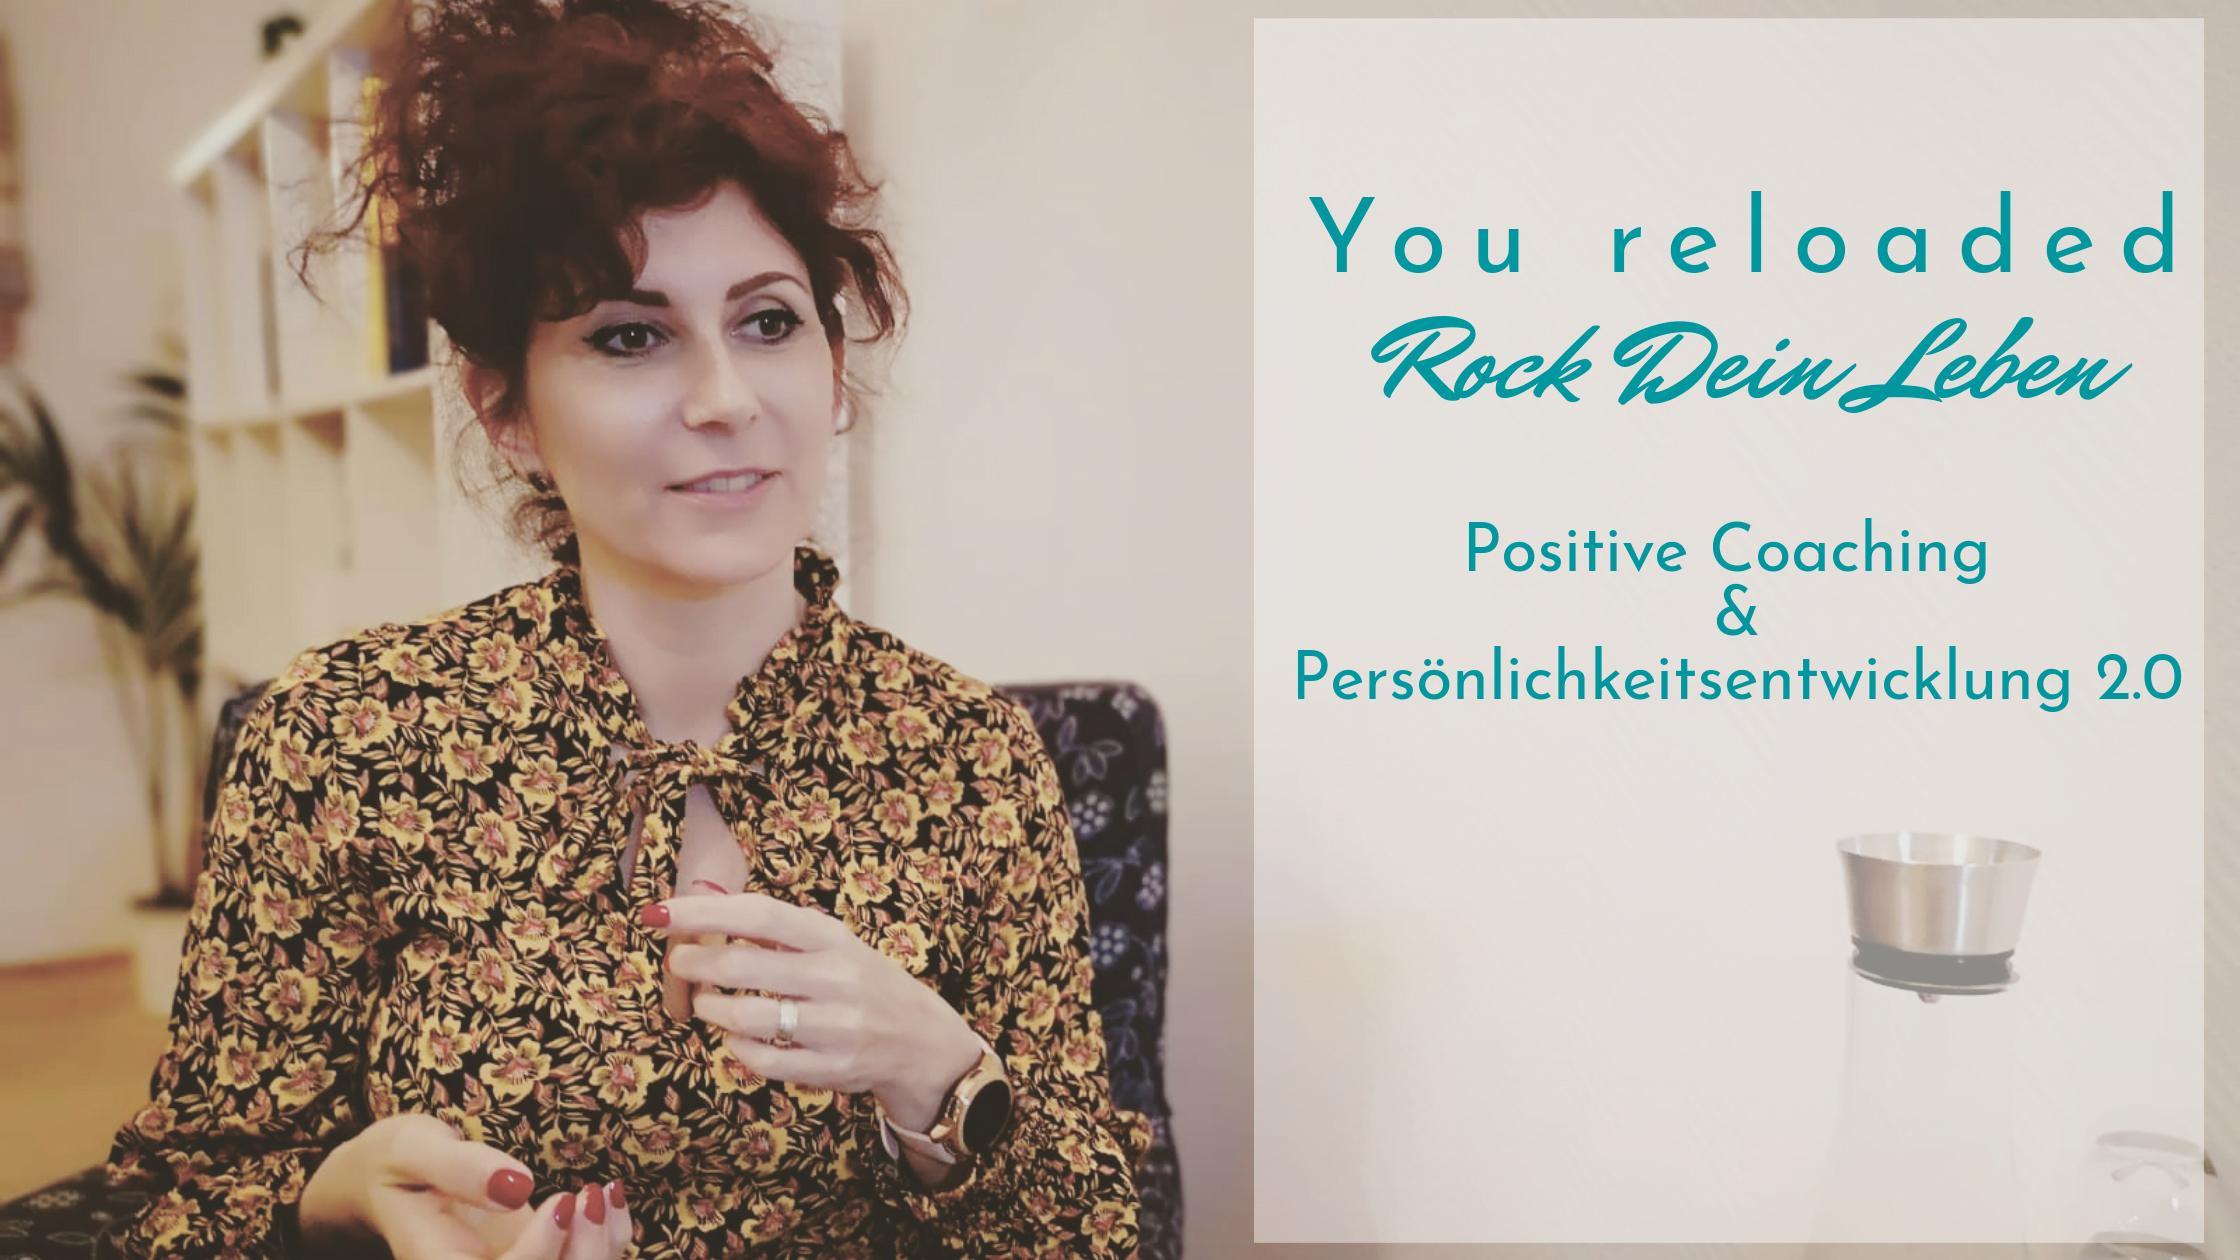 Schriftzug You Reloaded - Rock dein Leben, Positive Coaching & Persönlichkeitsentwicklung 2.0/ Violetta Braimovic während Sitzung mit einem Patienten